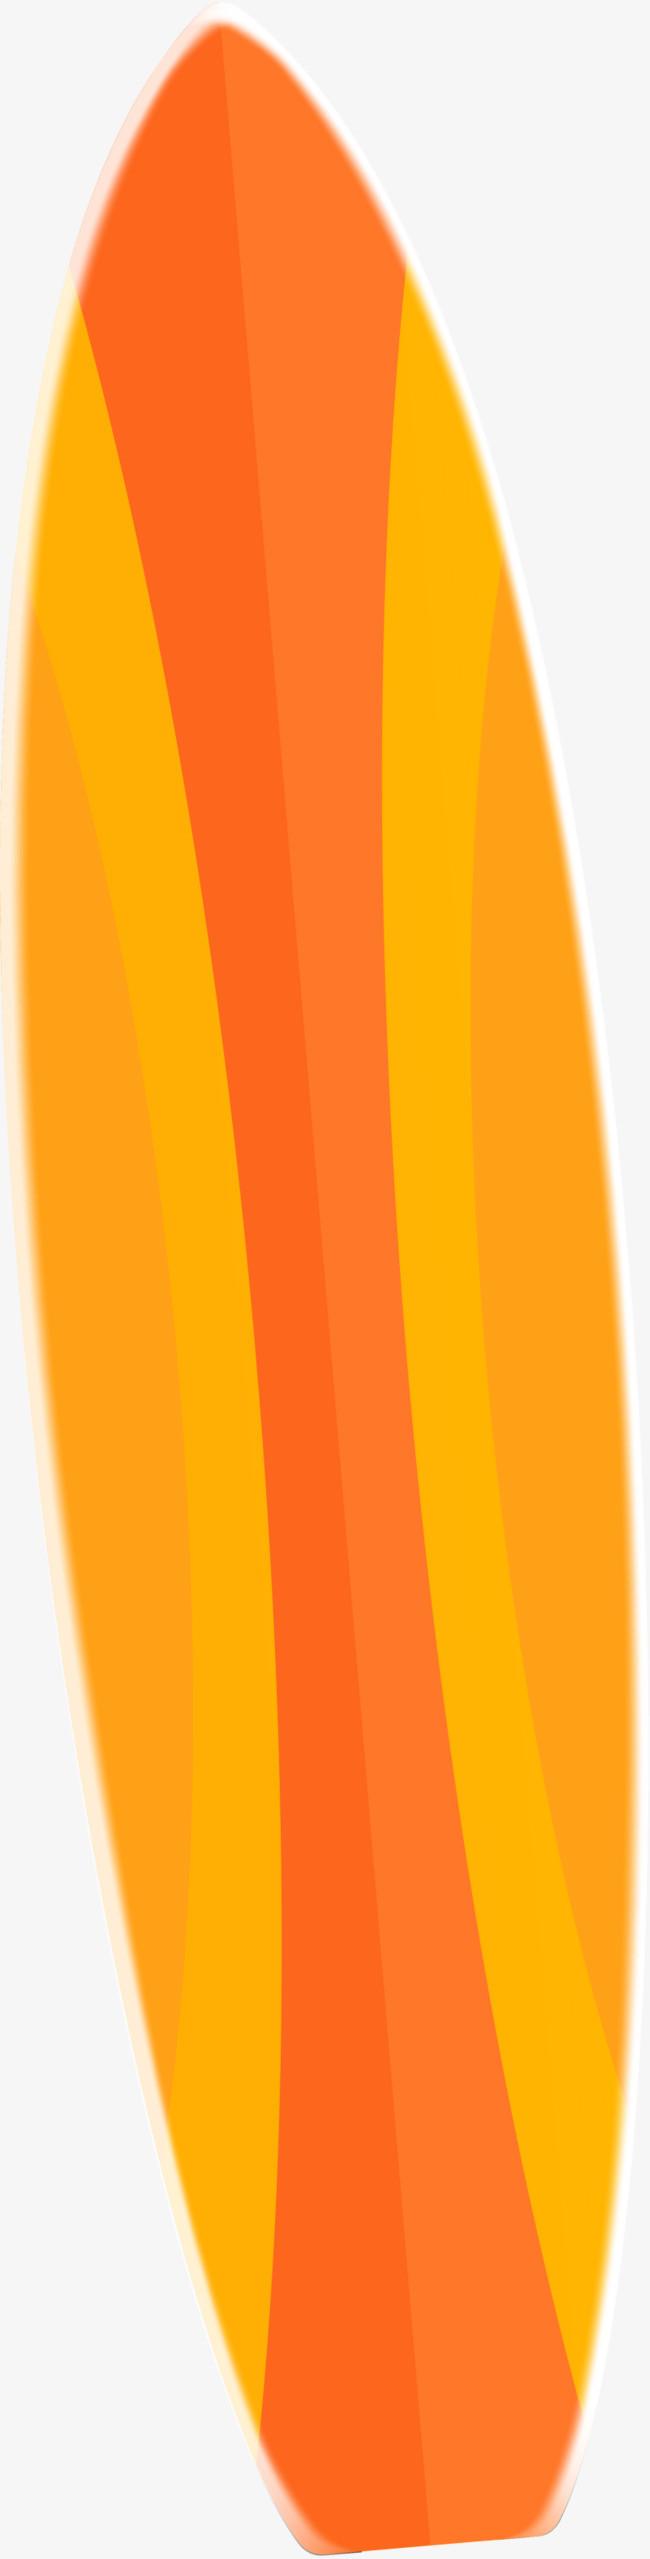 手绘橙色冲浪板_png素材免费下载_ 800*3148像素(编号